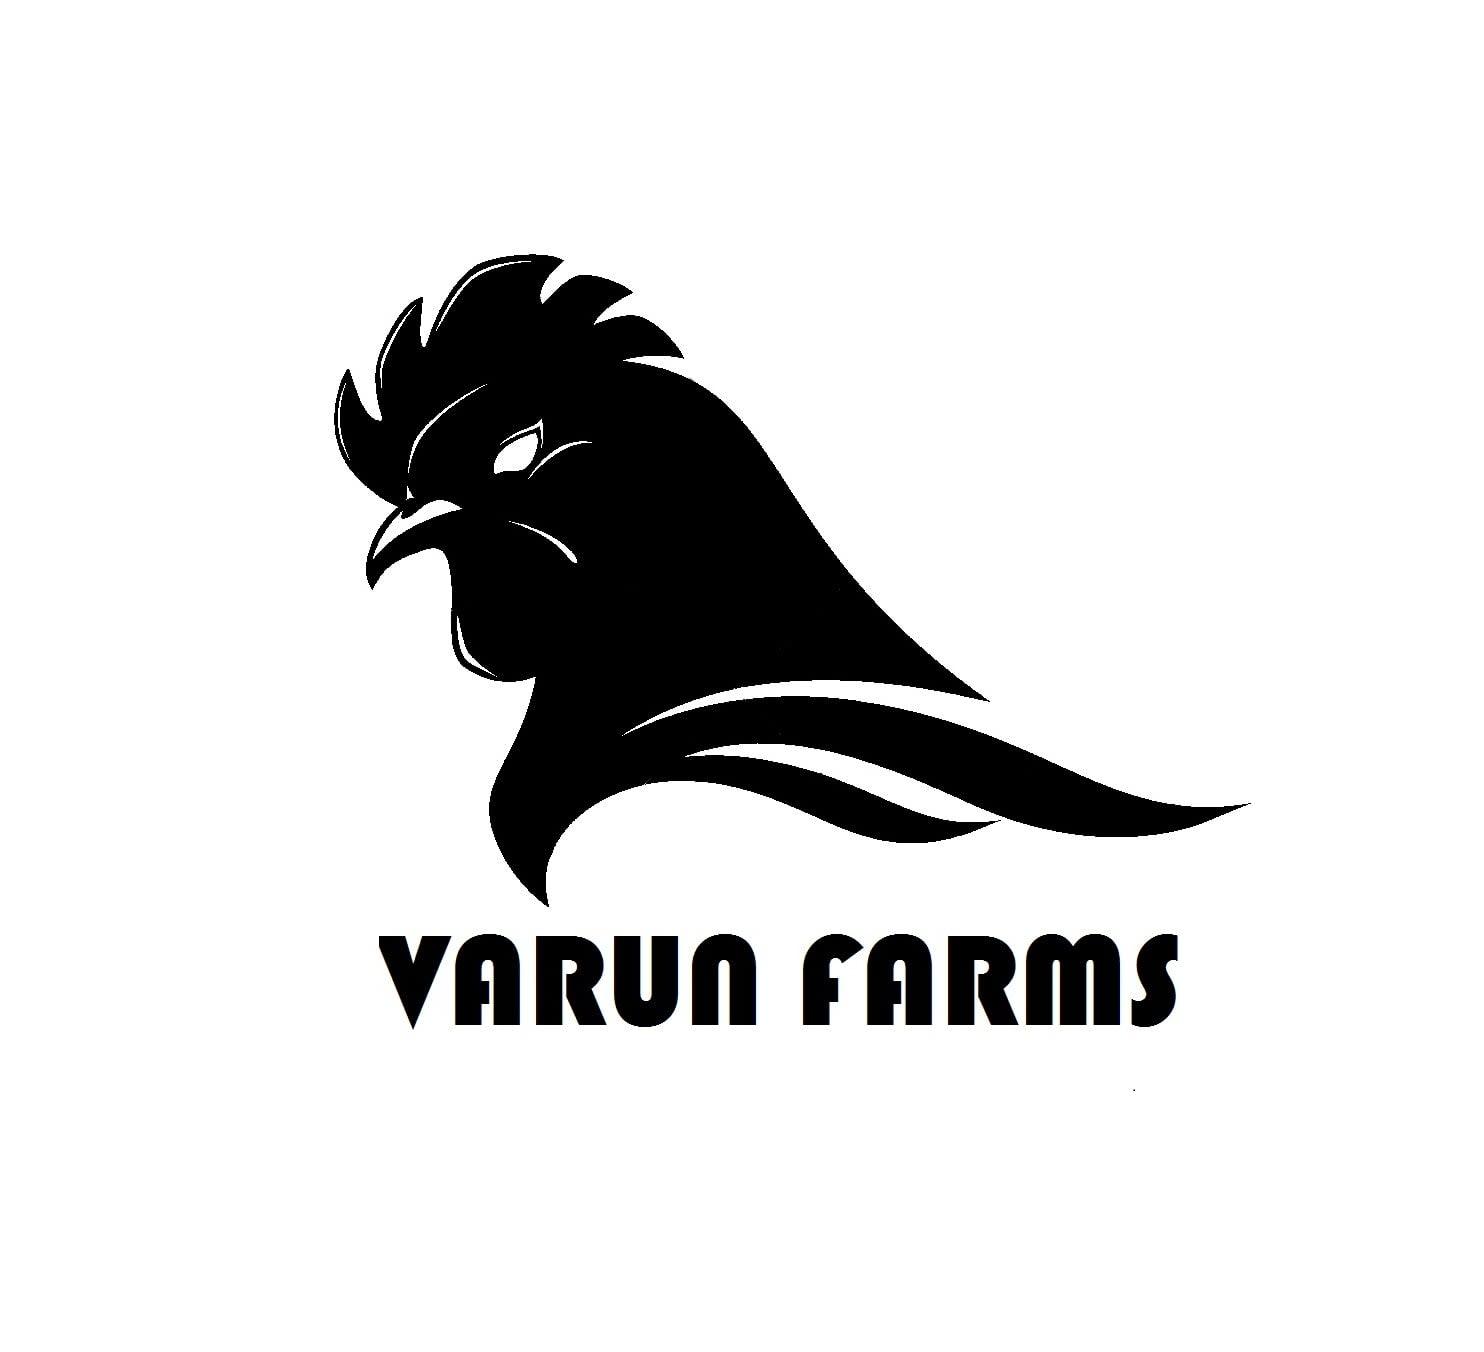 Lakshmi Ganapathy Varun Farms